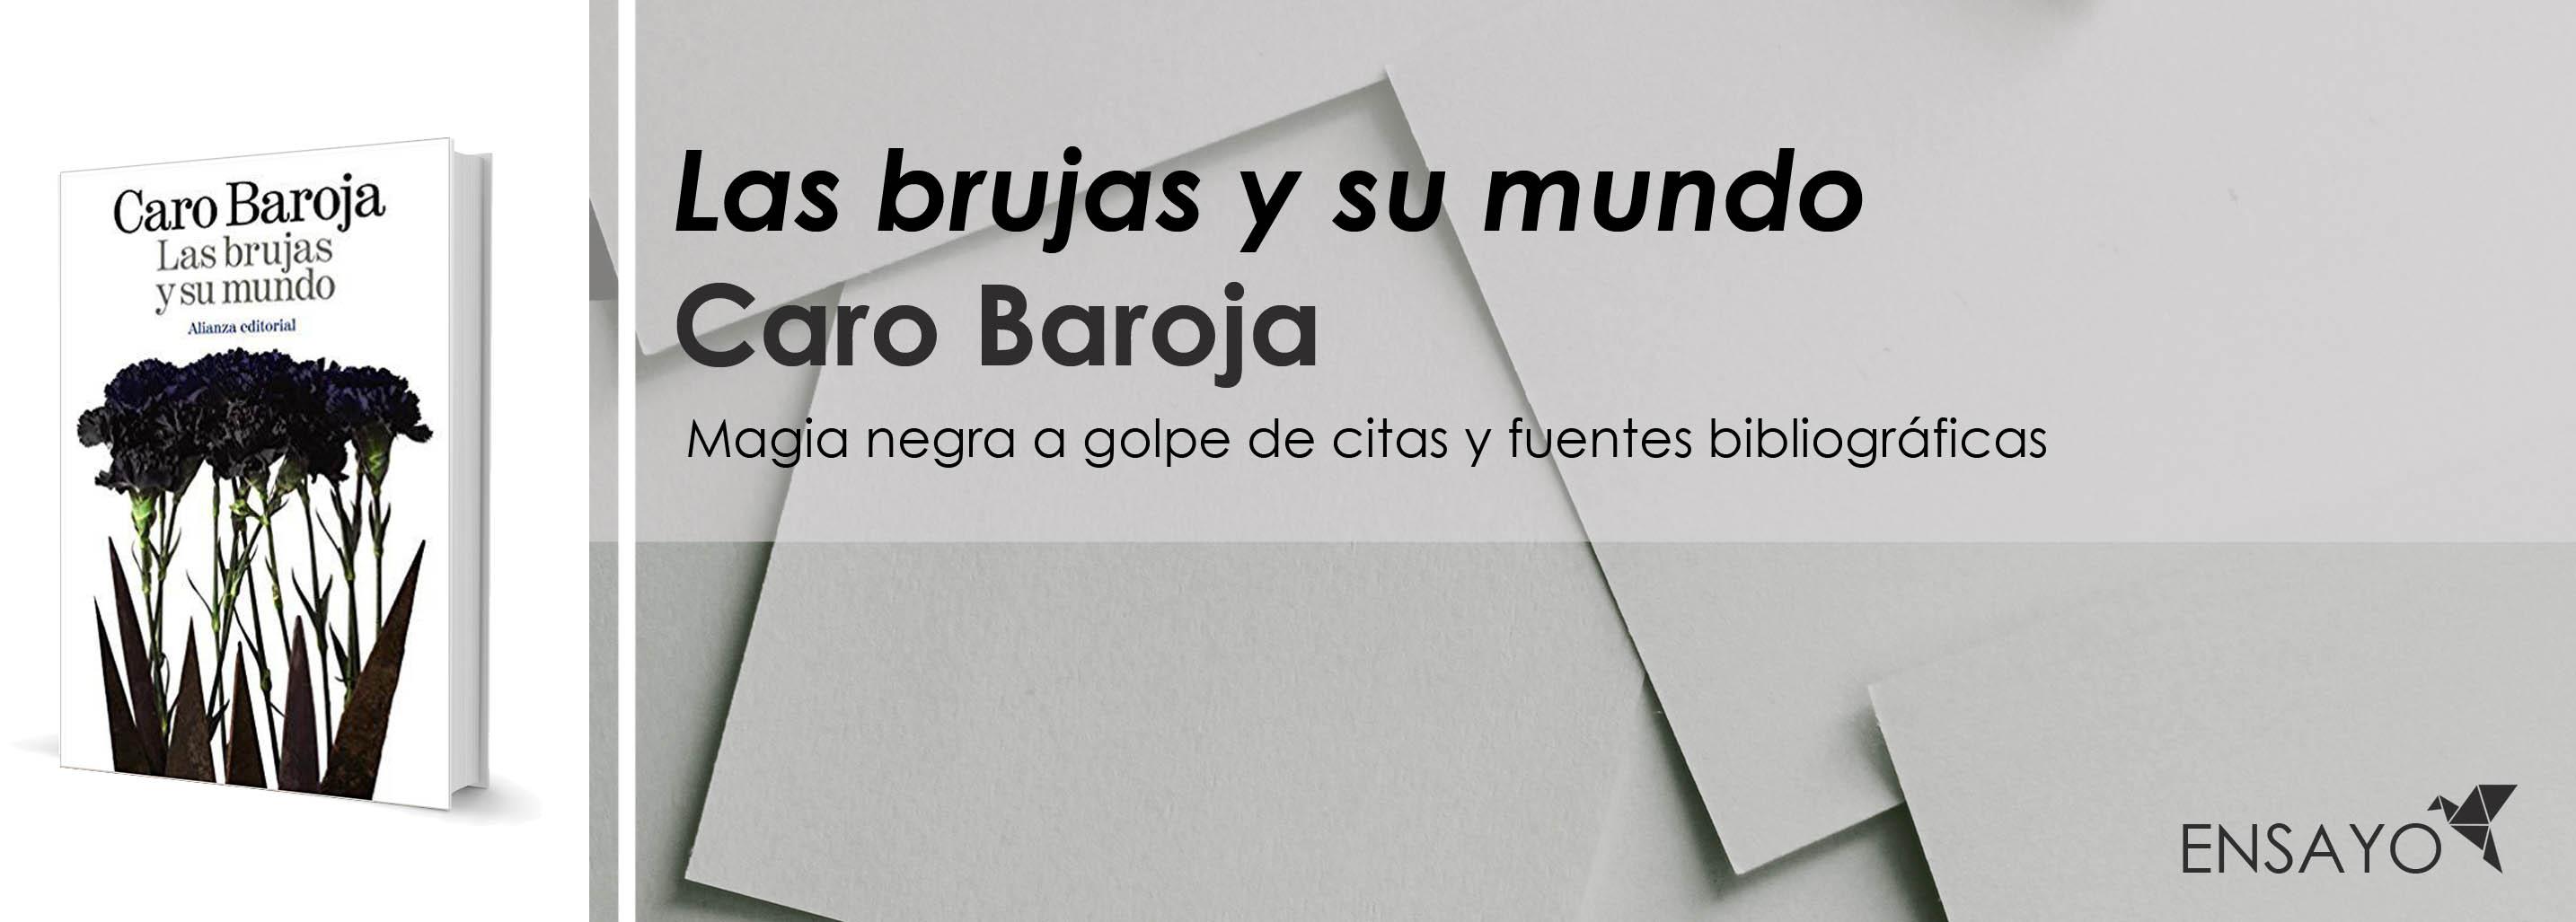 Las brujas y su mundo, de Julio Caro Baroja